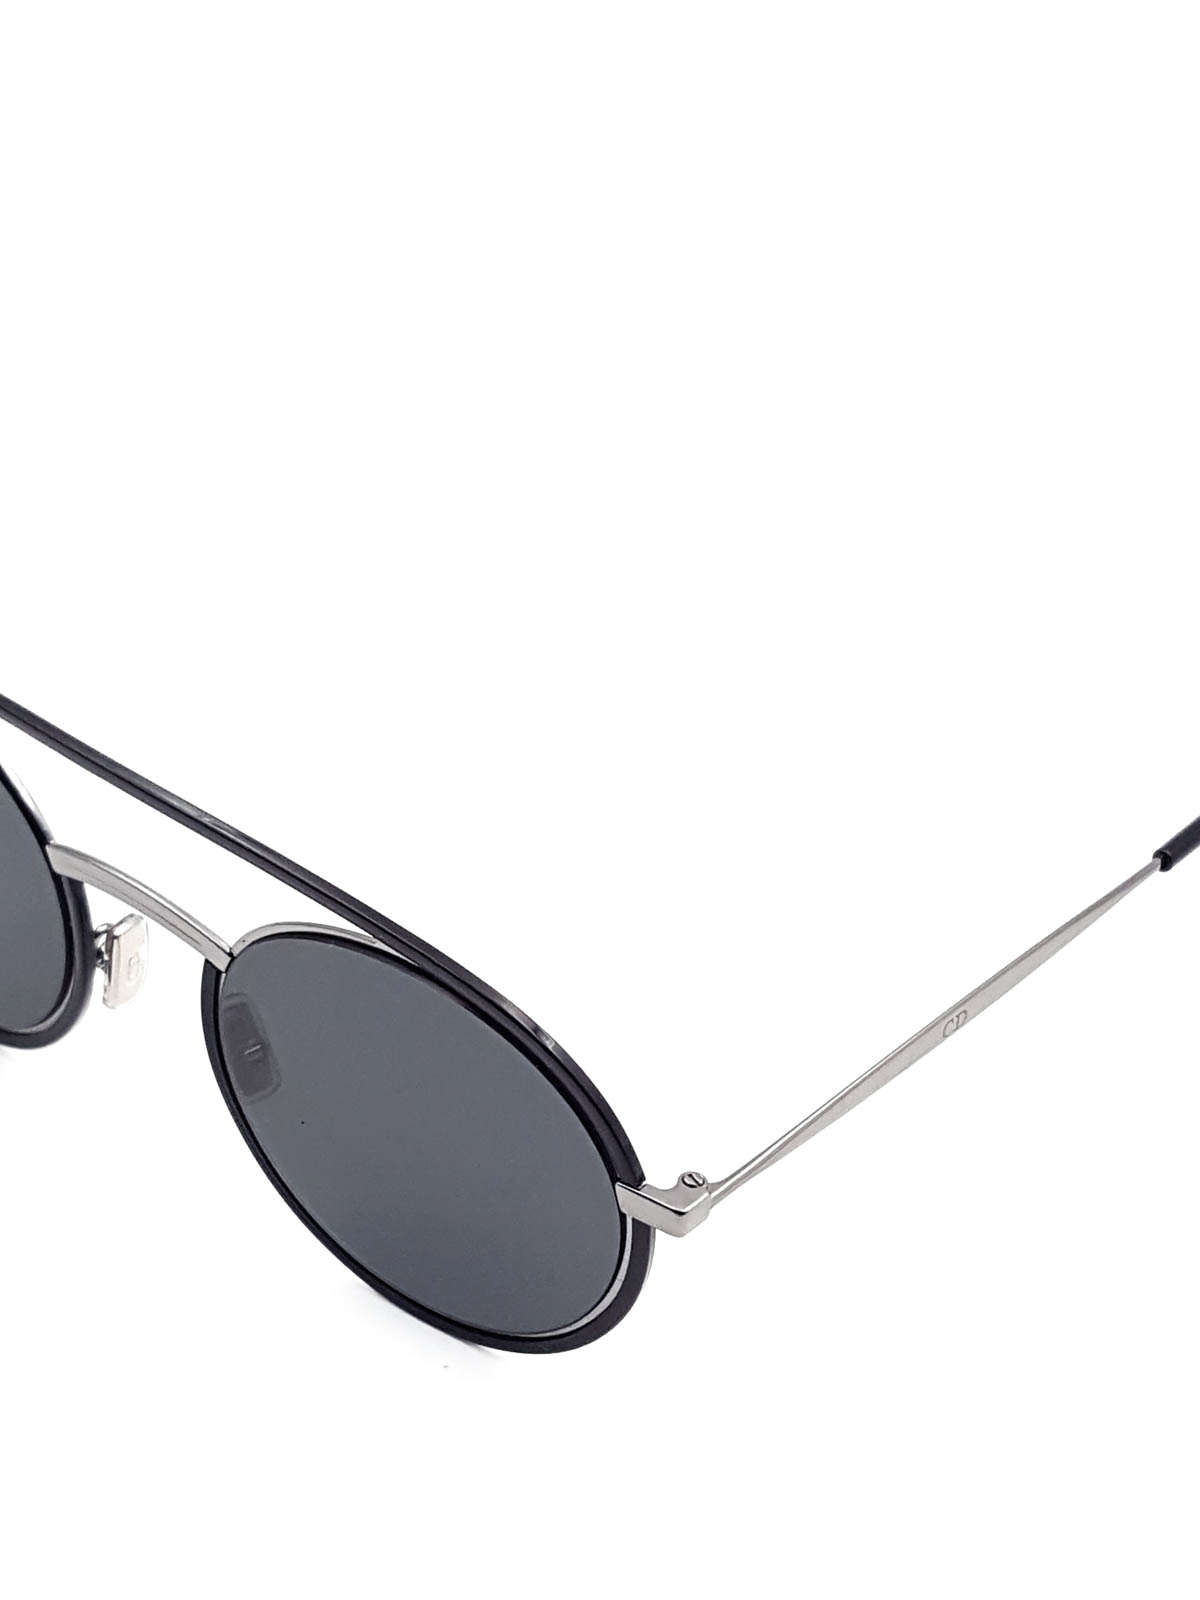 sonnenbrille schwarz von dior sonnenbrillen ikrix. Black Bedroom Furniture Sets. Home Design Ideas